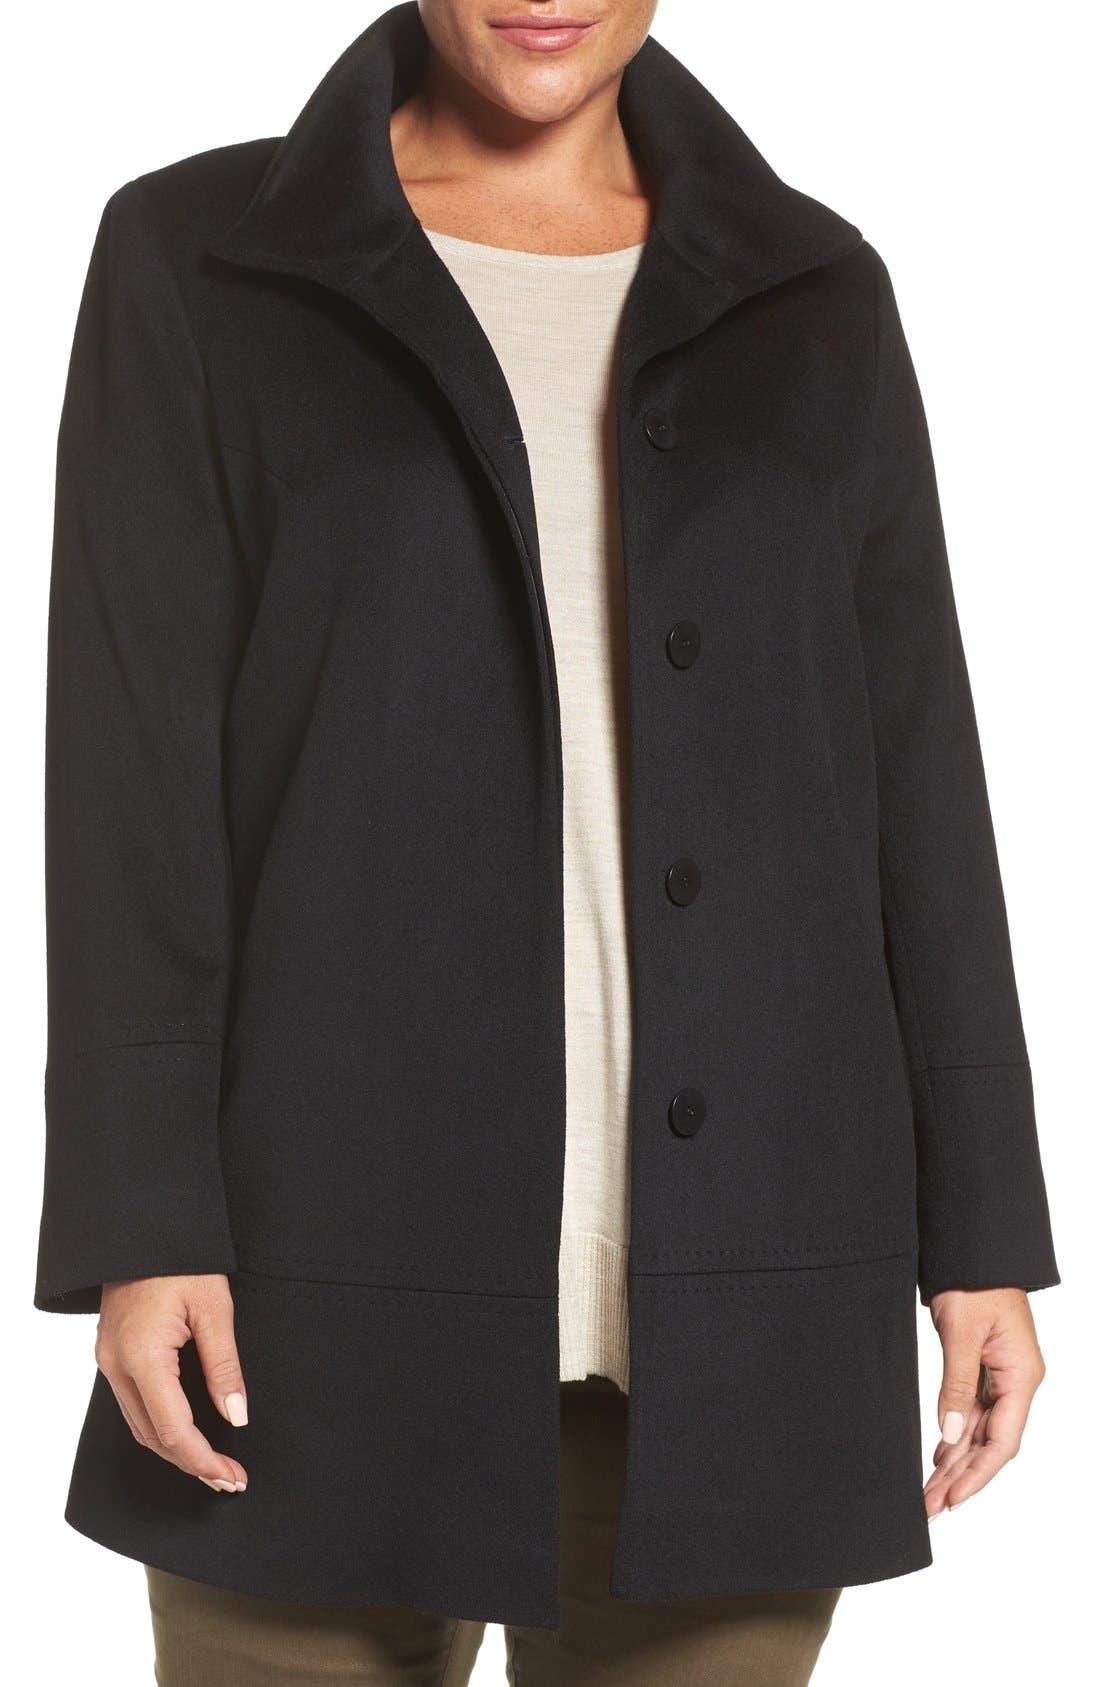 Loro Piana Wool Car Coat,                         Main,                         color, 001